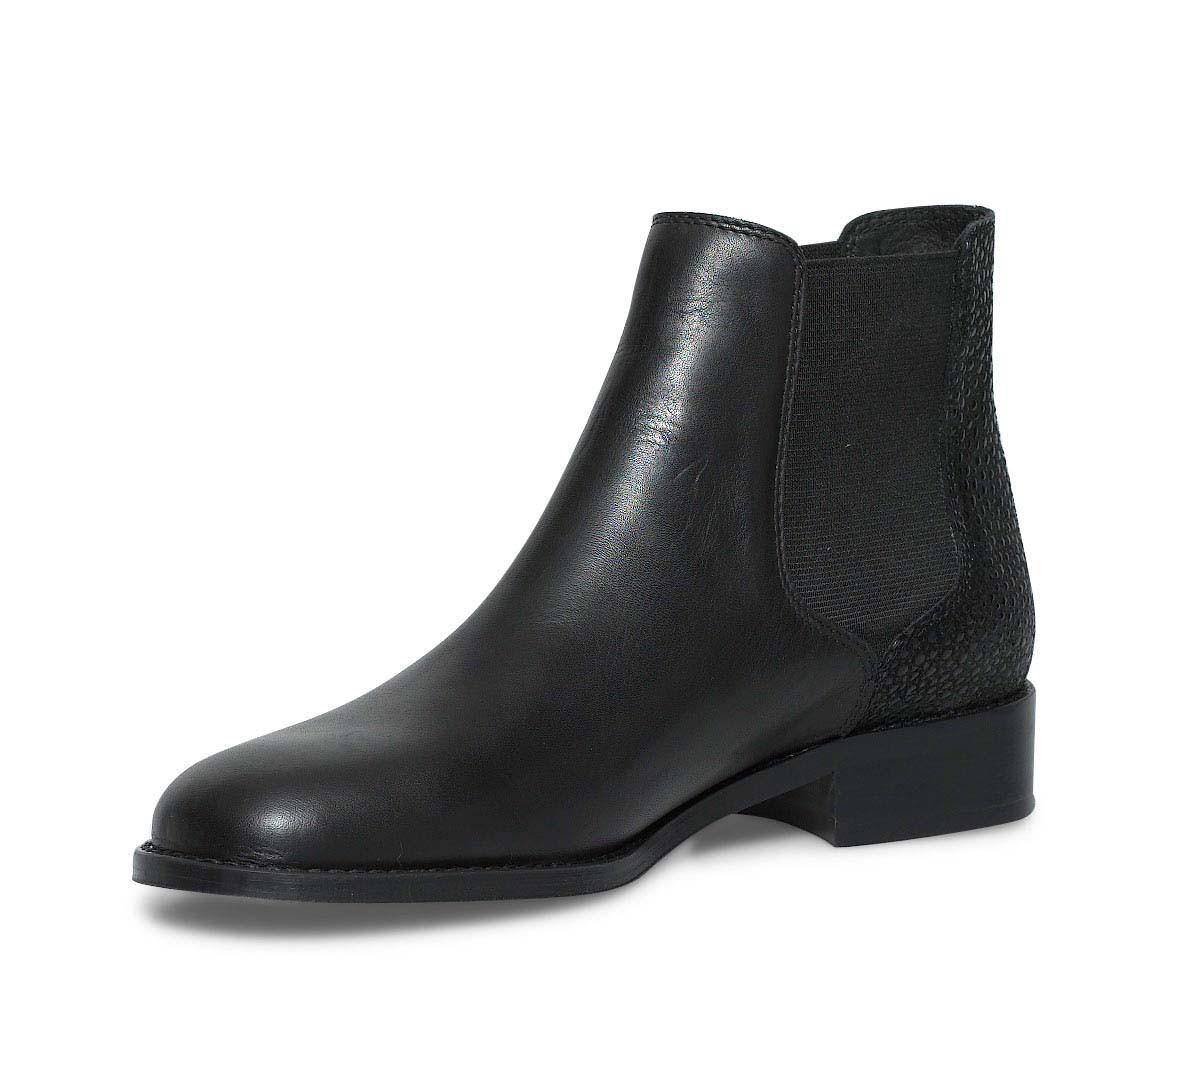 Bottes femme cuir noir plates